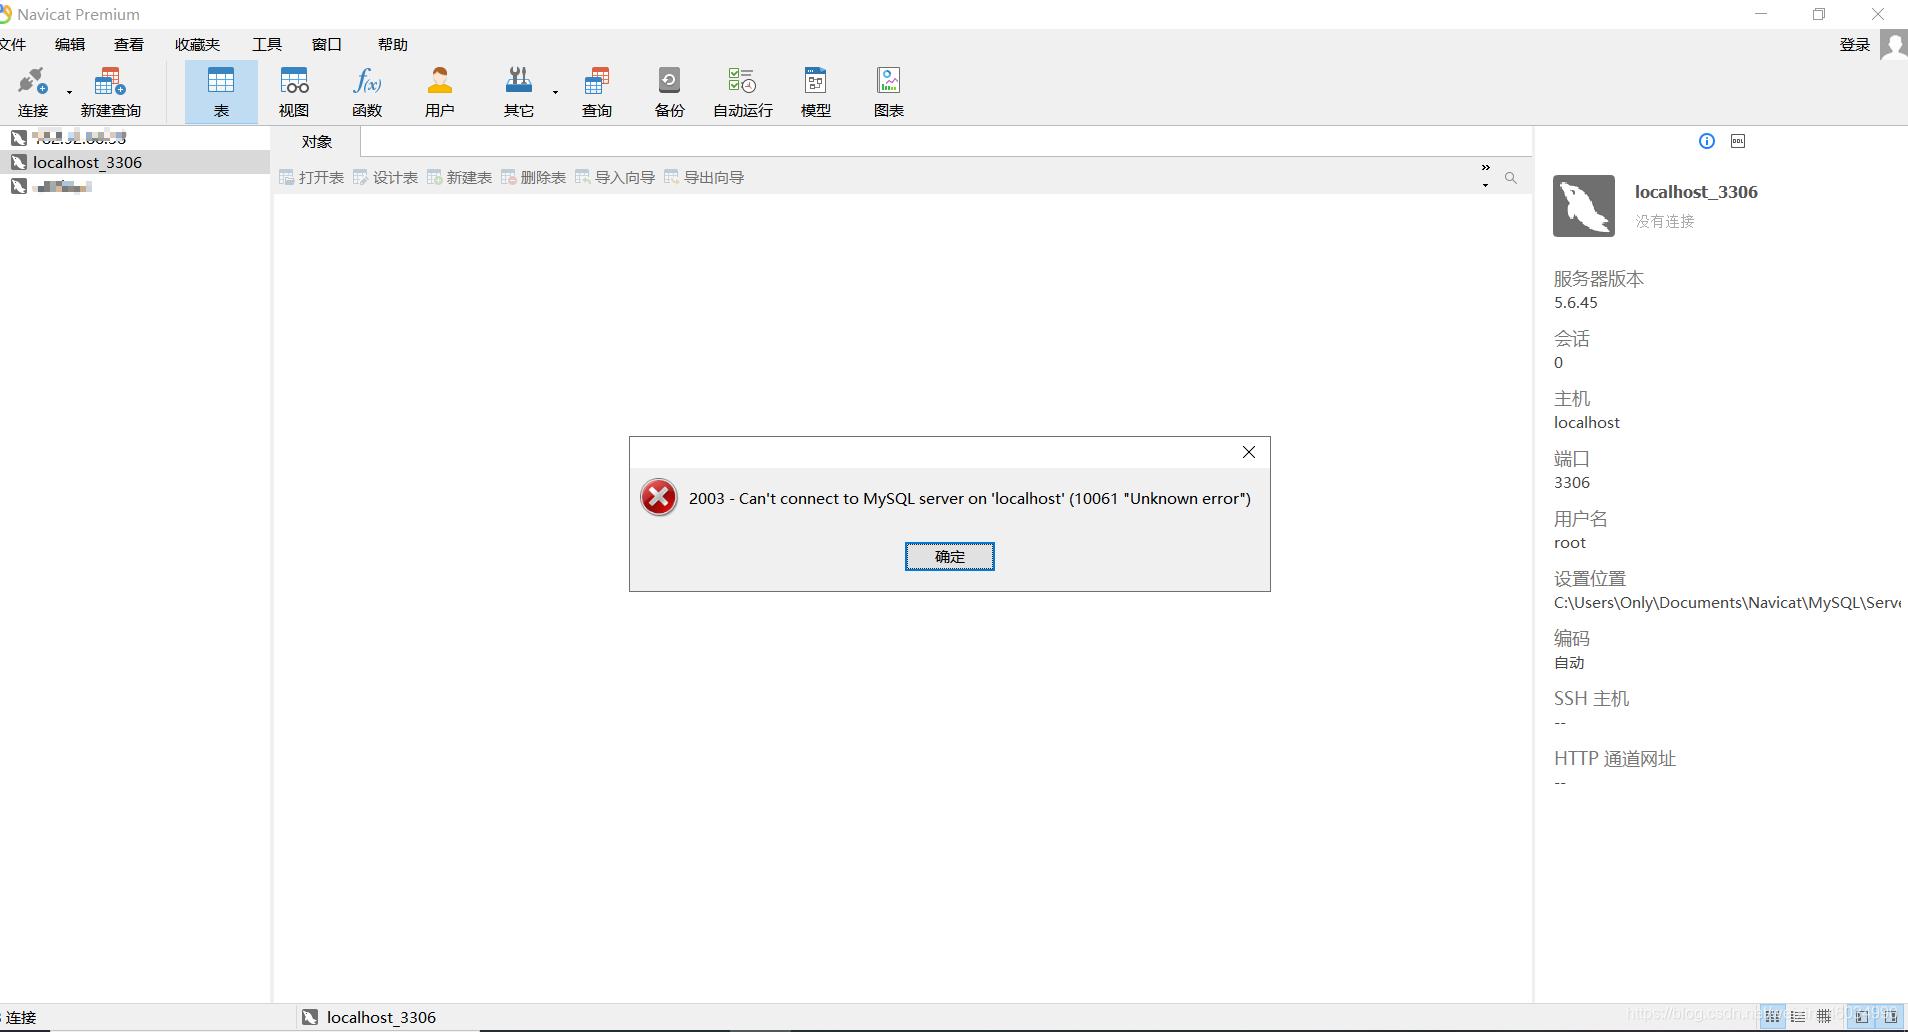 无法连接MySQL服务